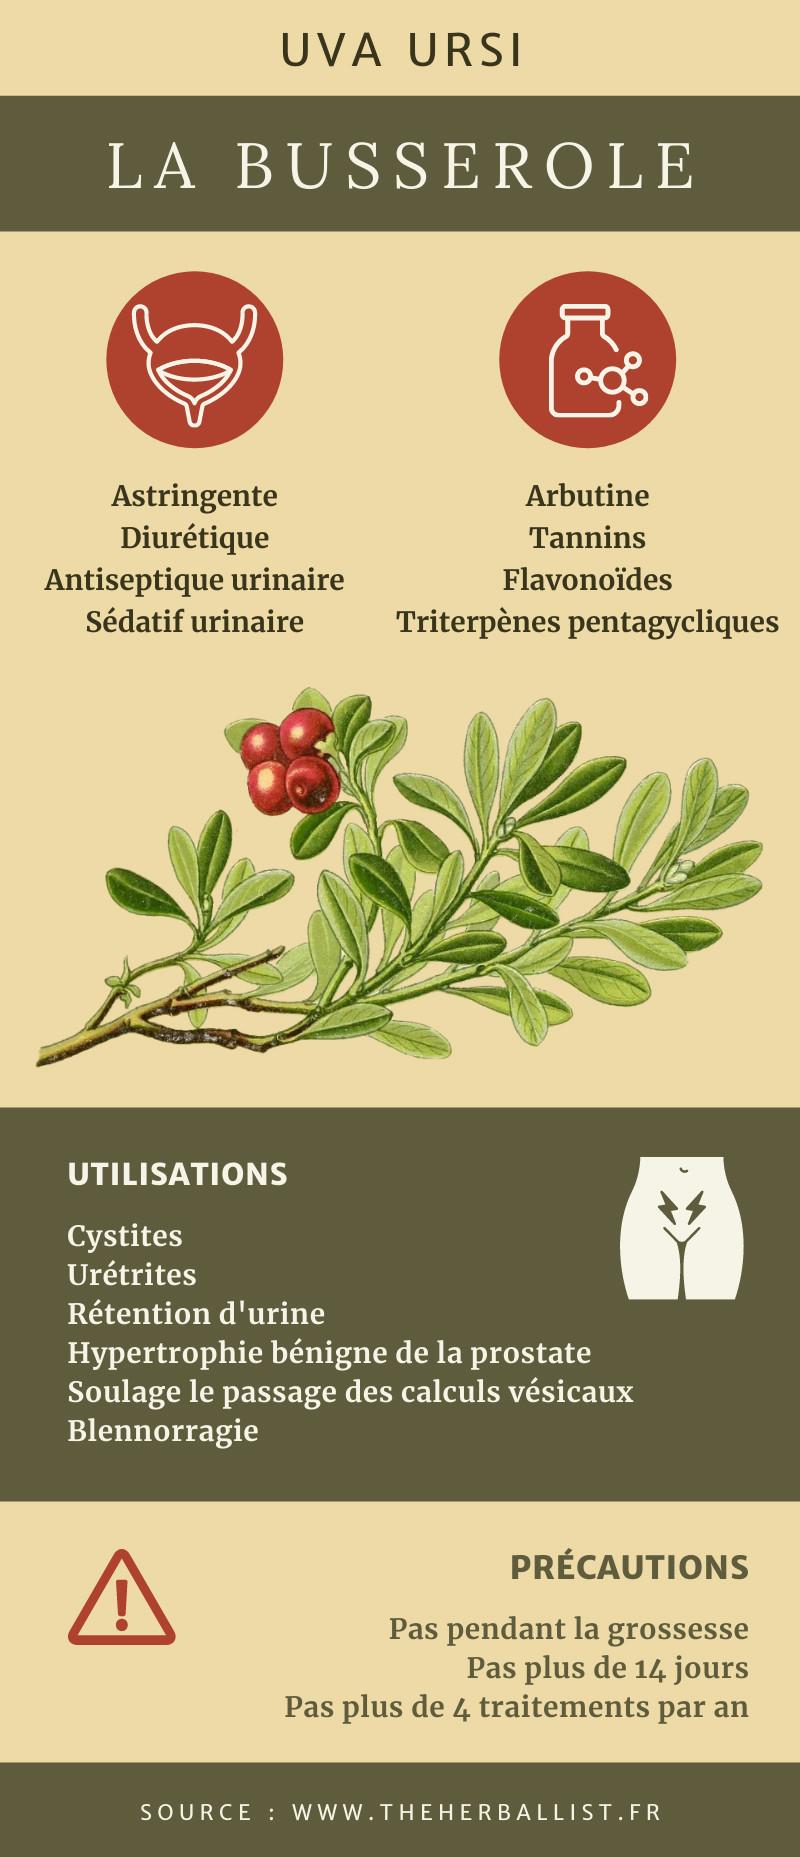 Infographie La Busserole contre les cystites